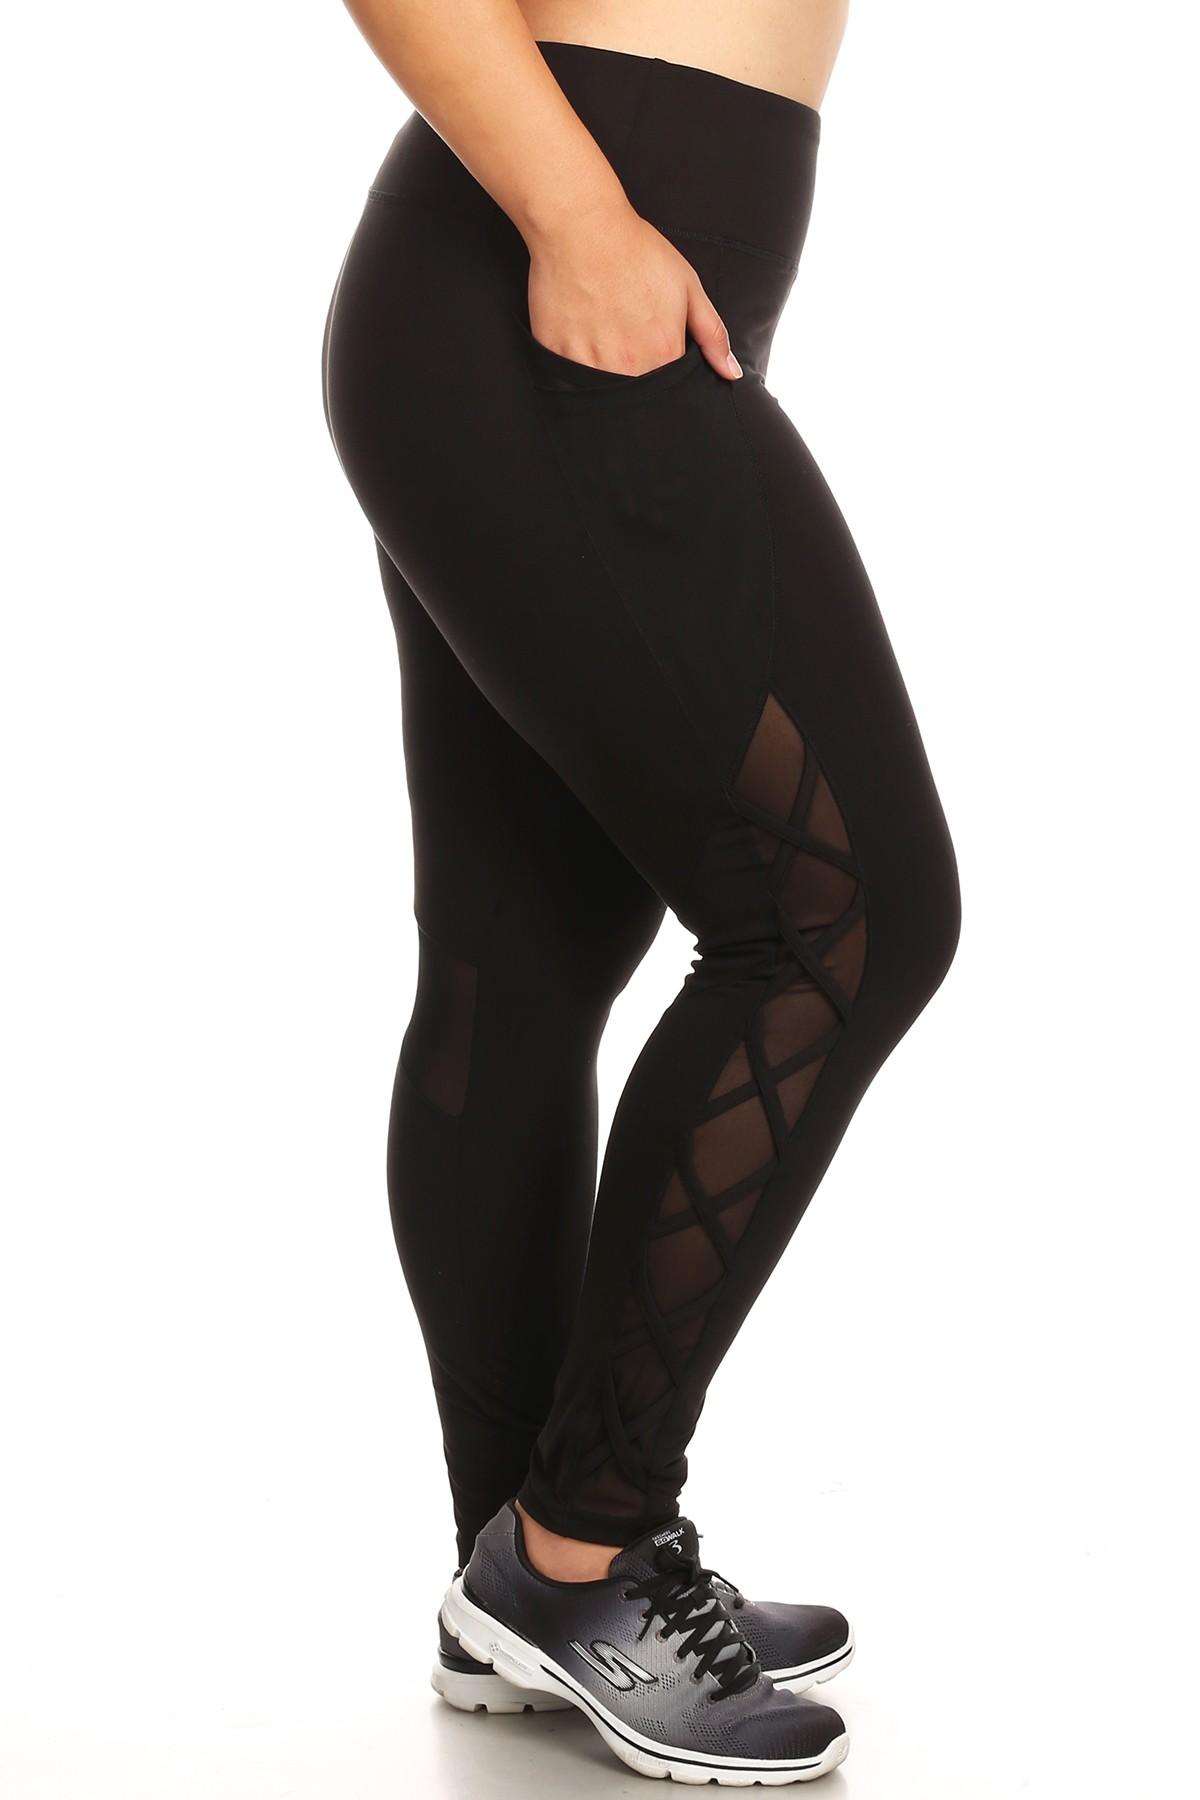 1252676c9e565f Women's Crisscross Mesh Workout Plus Size Leggings | World of Leggings